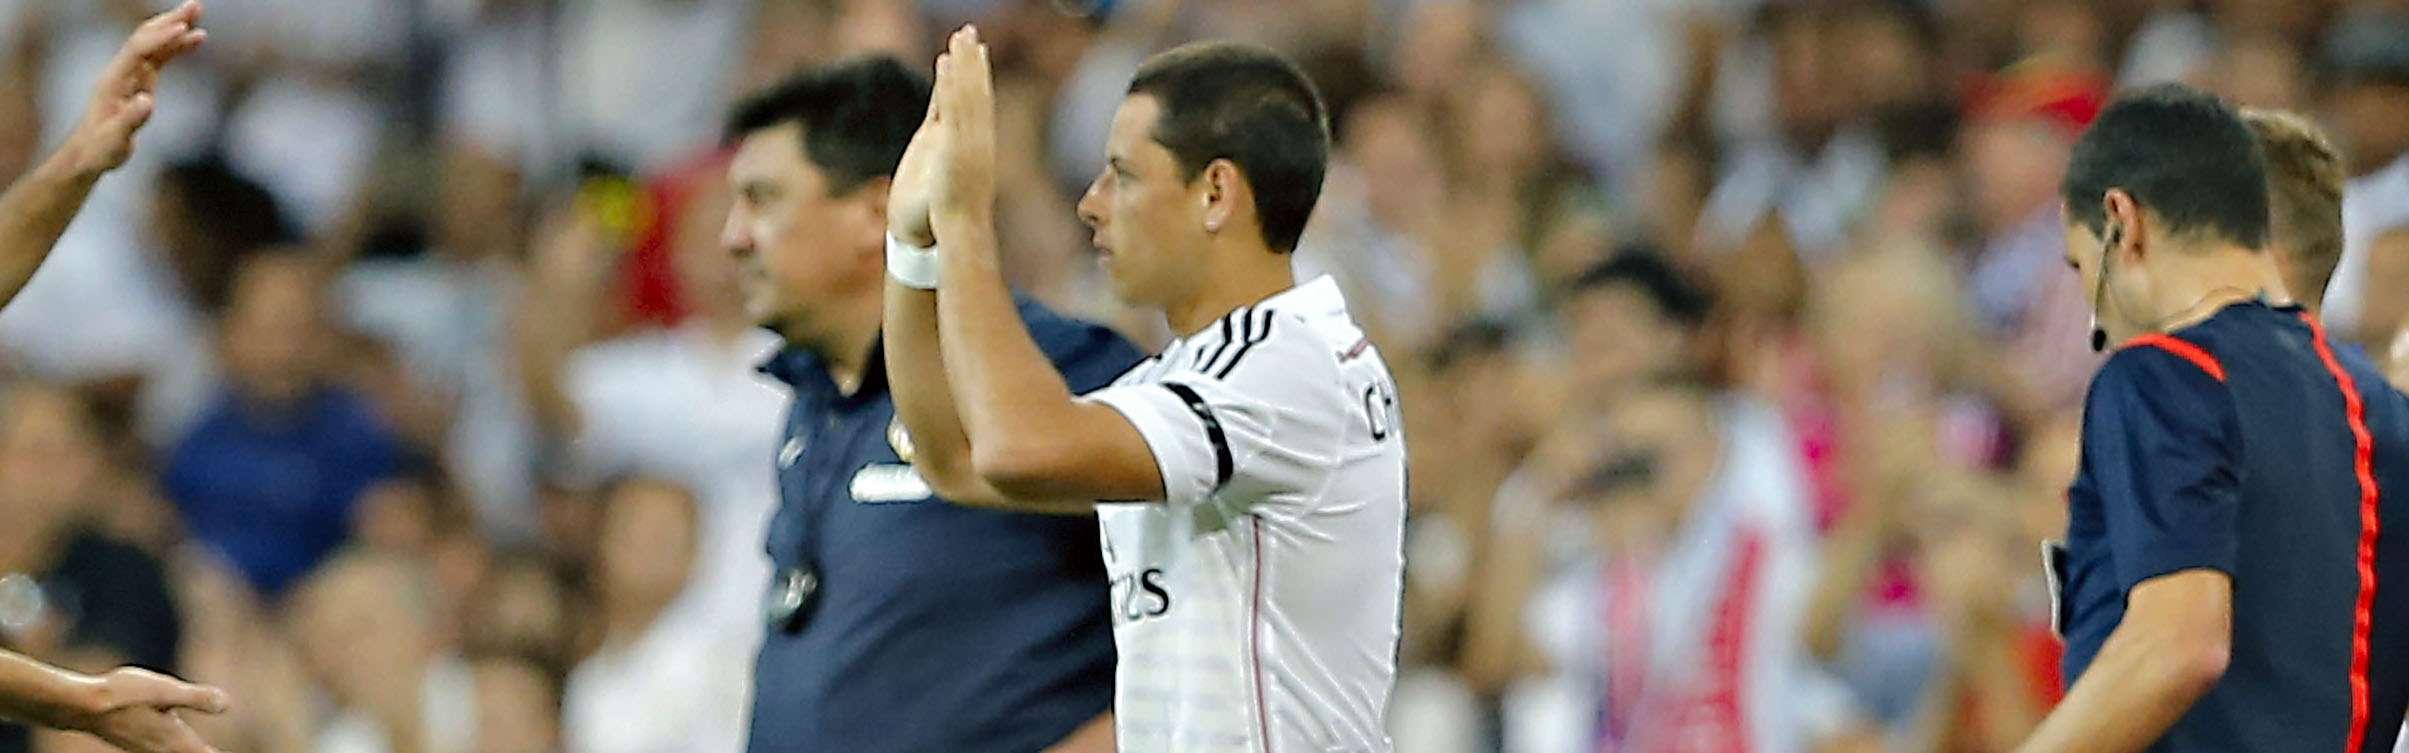 Javier Hernández jugó los últimos 10 minutos en la goleada de Real Madrid sobre el Basilea. Foto: Imago7